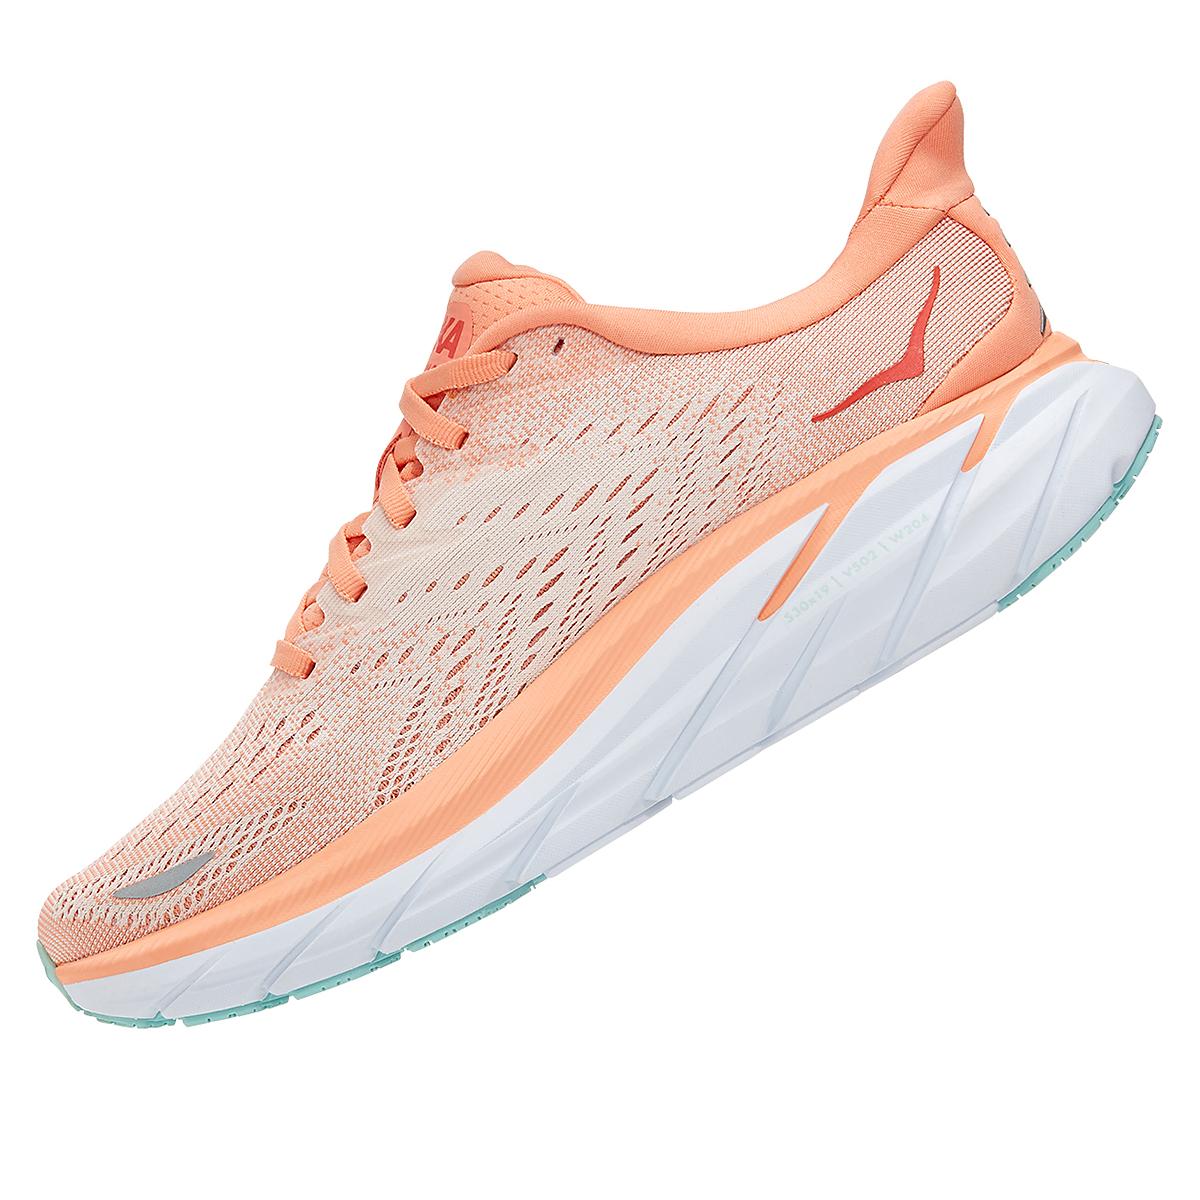 Women's Hoka One One Clifton 8 Running Shoe, , large, image 5